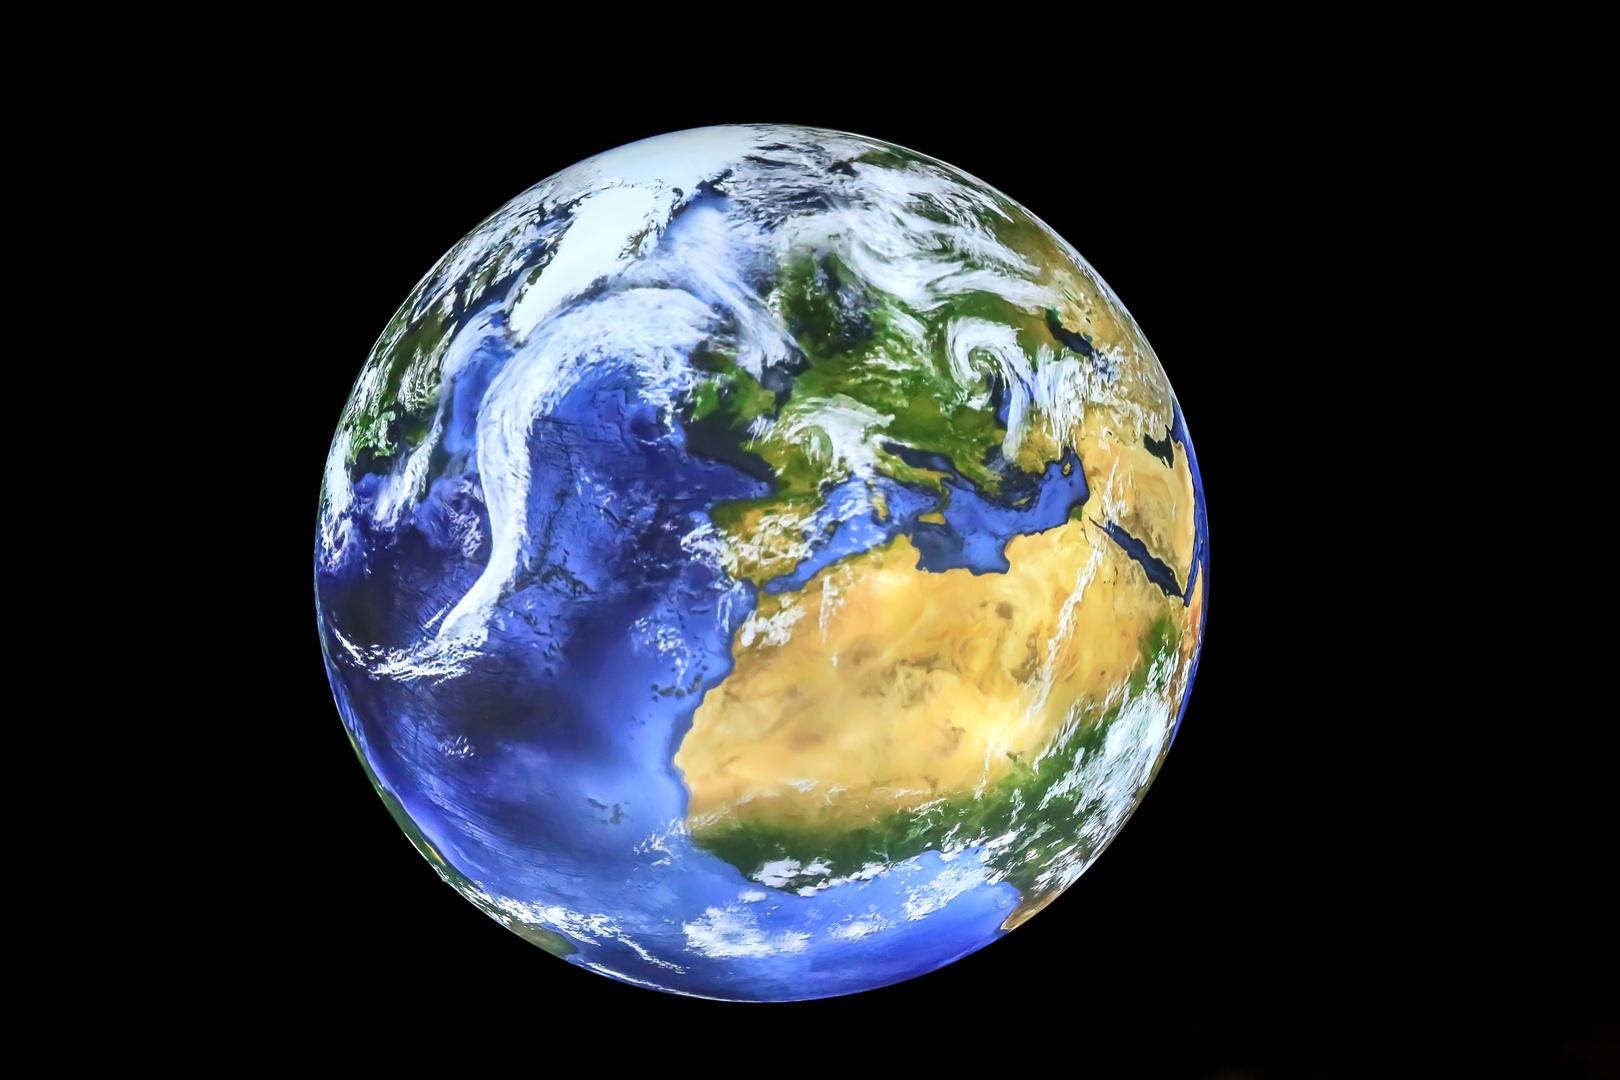 Erde Bilder